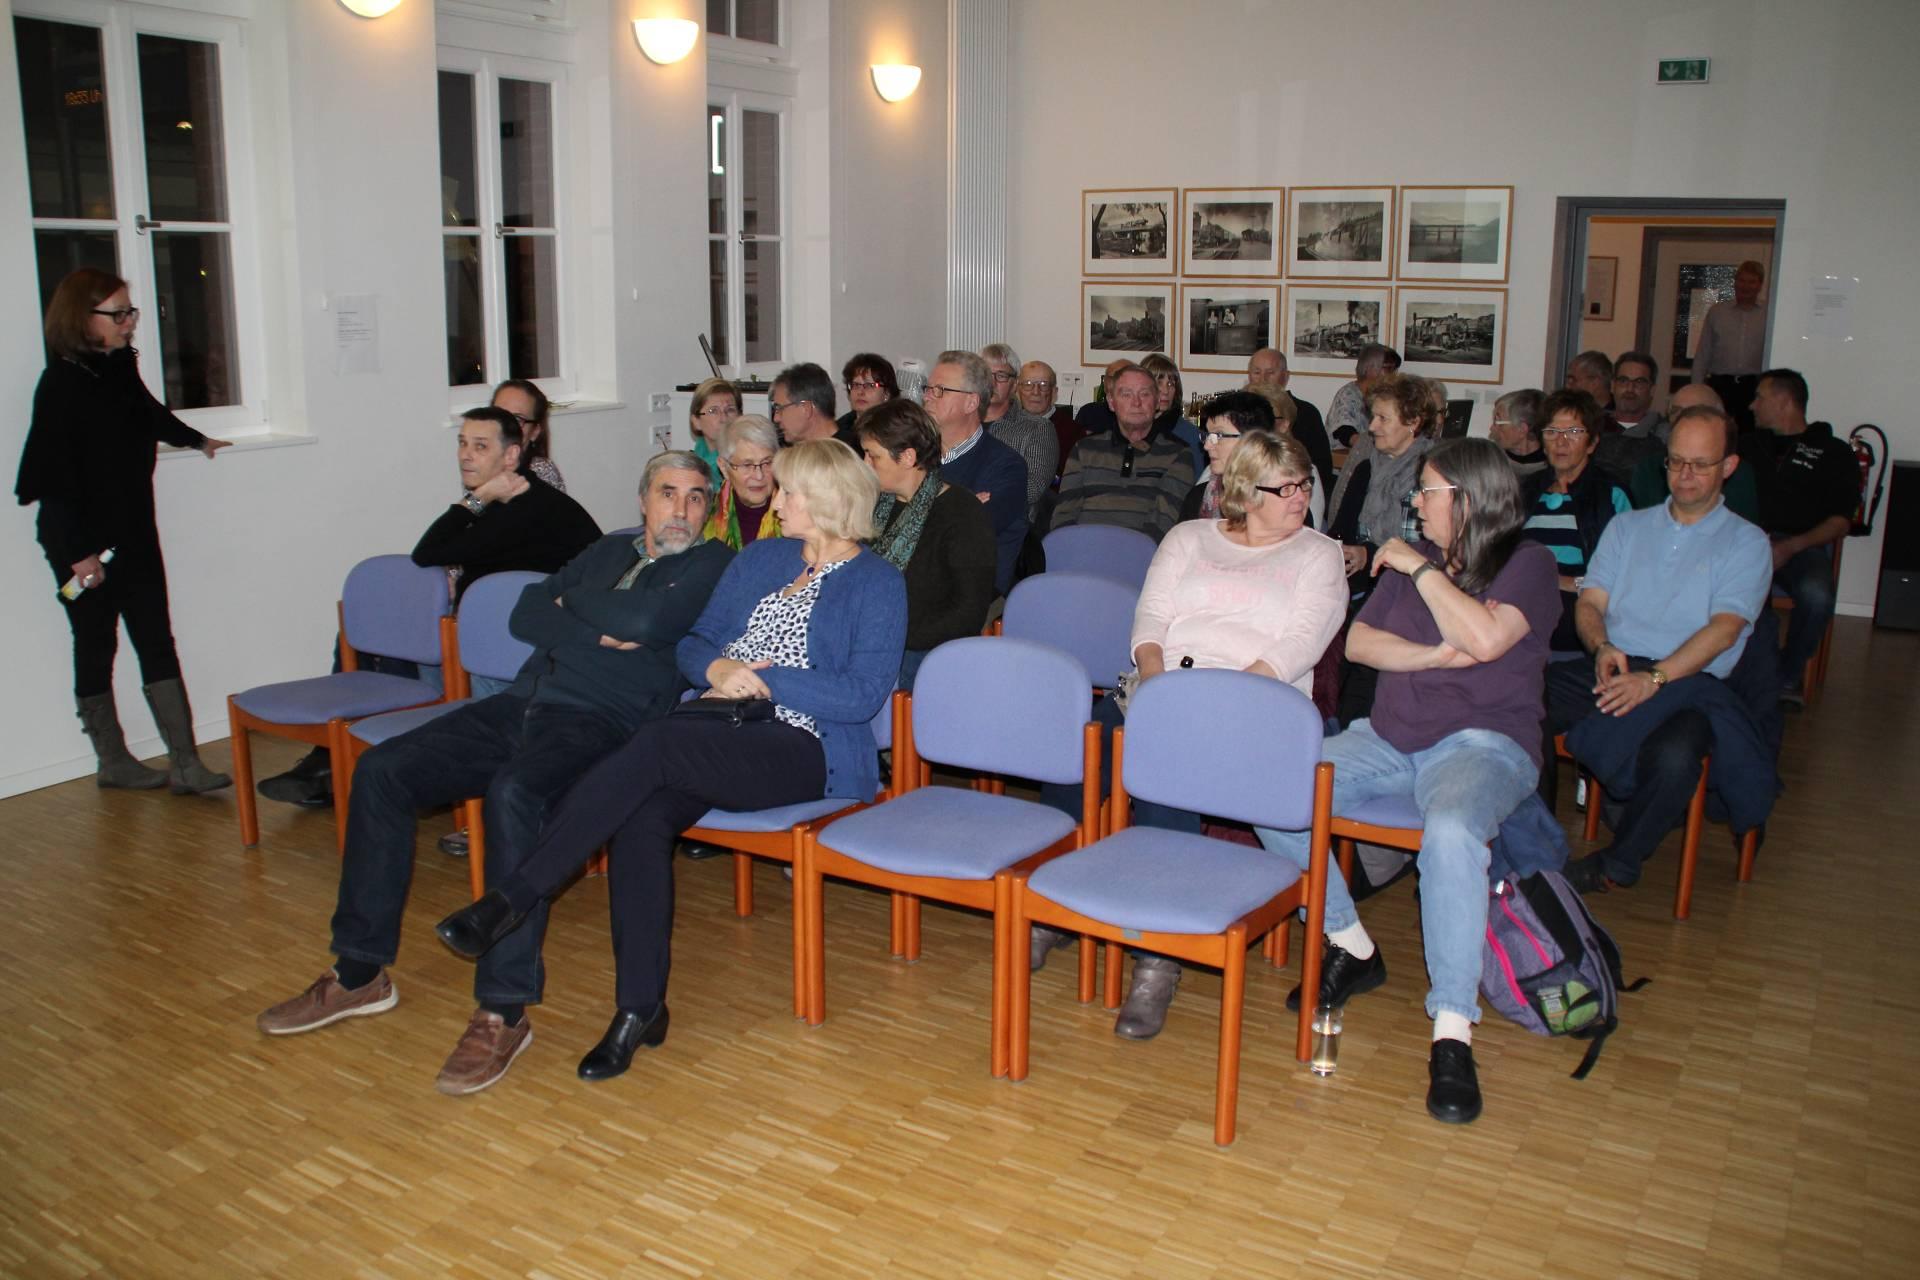 Viele Besucher waren gekommen um sich den Lichtbildervortrag anzusehen.